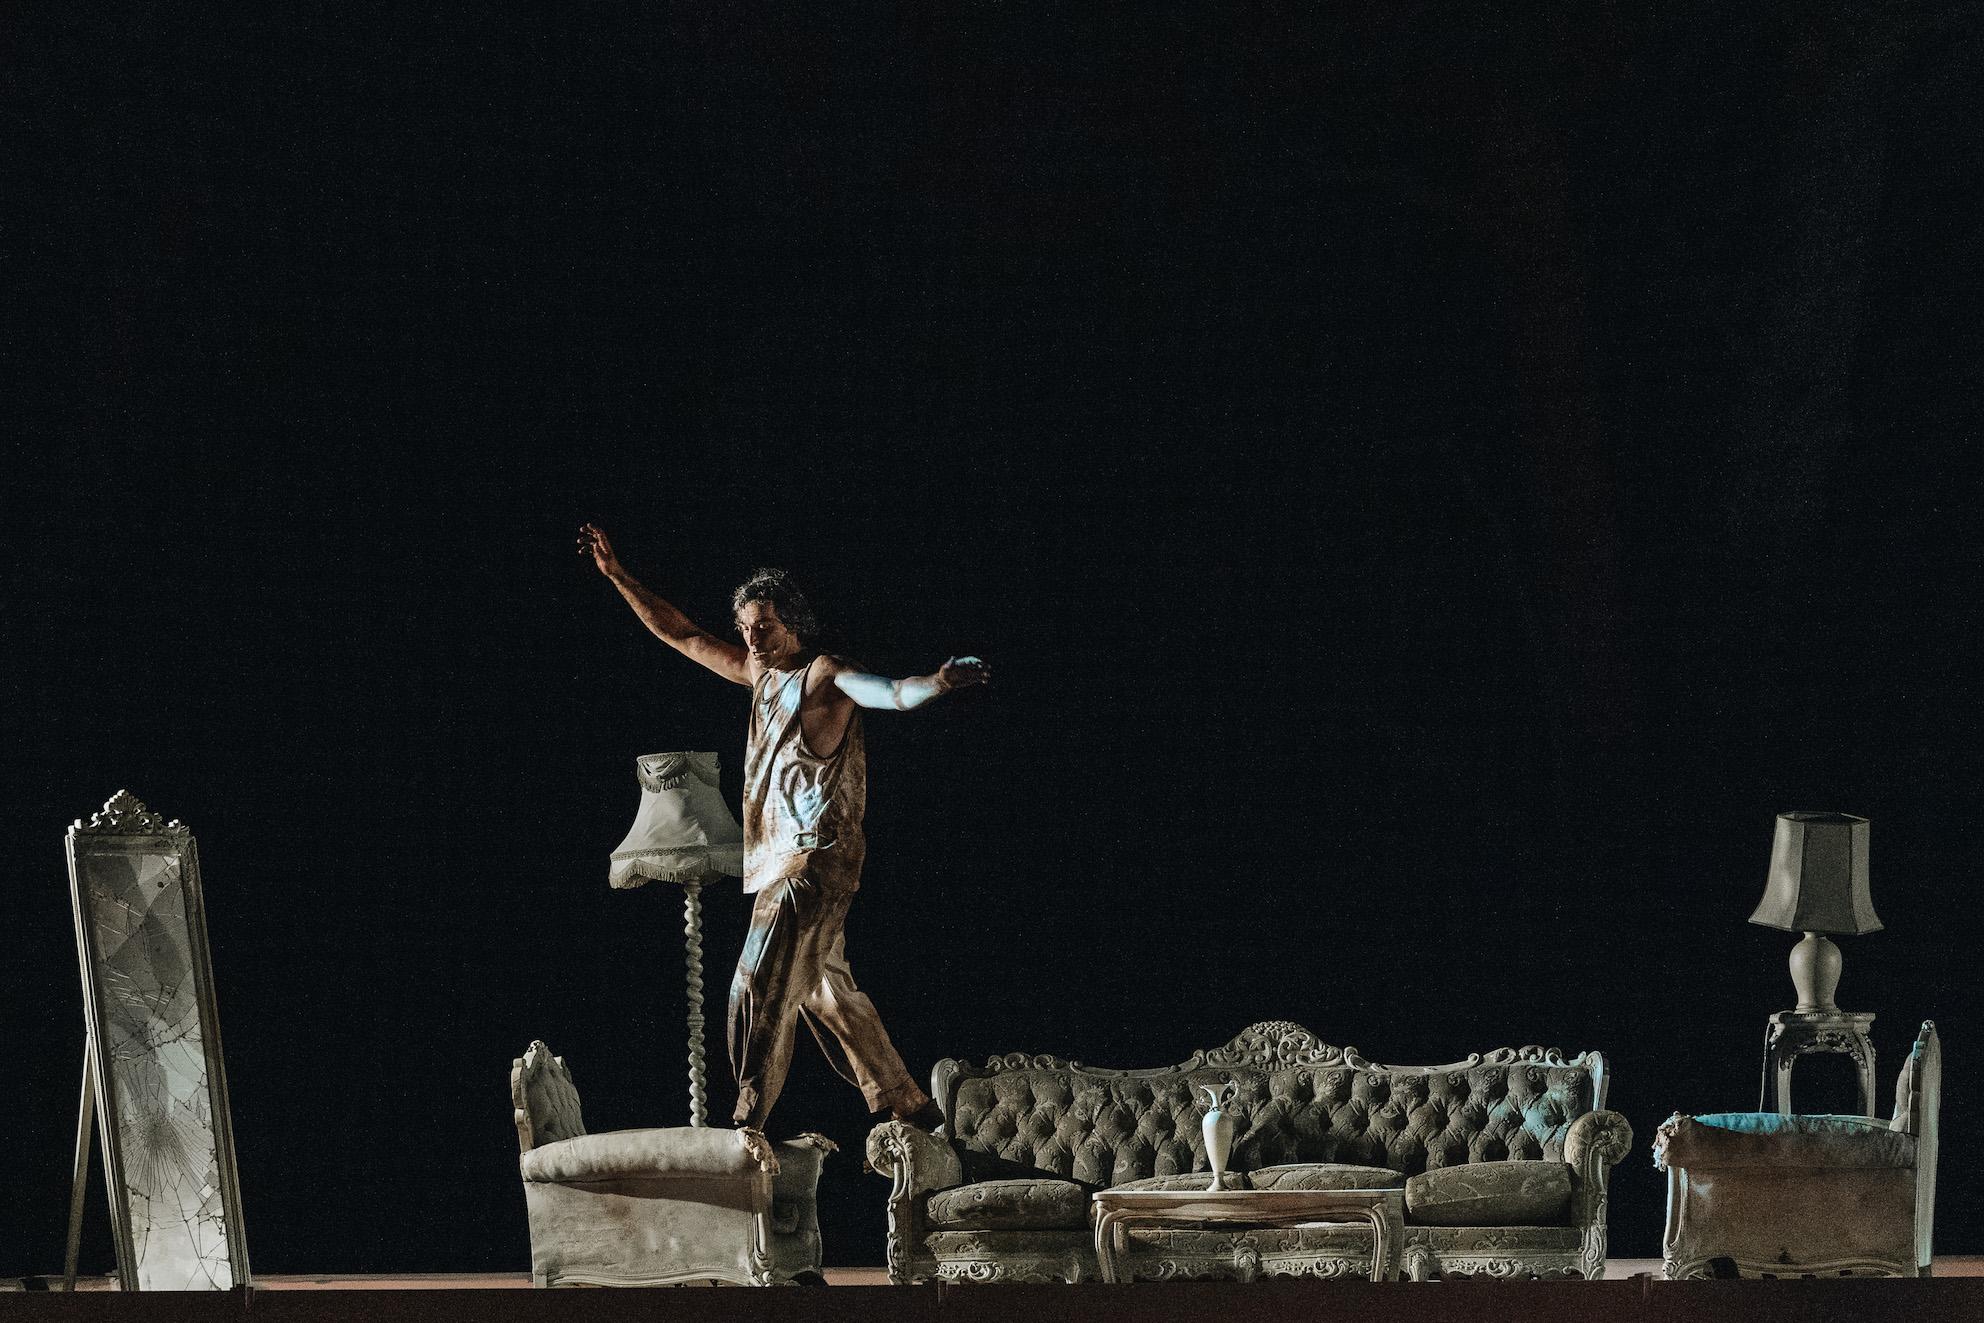 Ορέστης του Ευριπίδη, σε σκηνοθεσία Γιάννη Κακλέα σε θέατρα της Αττικής